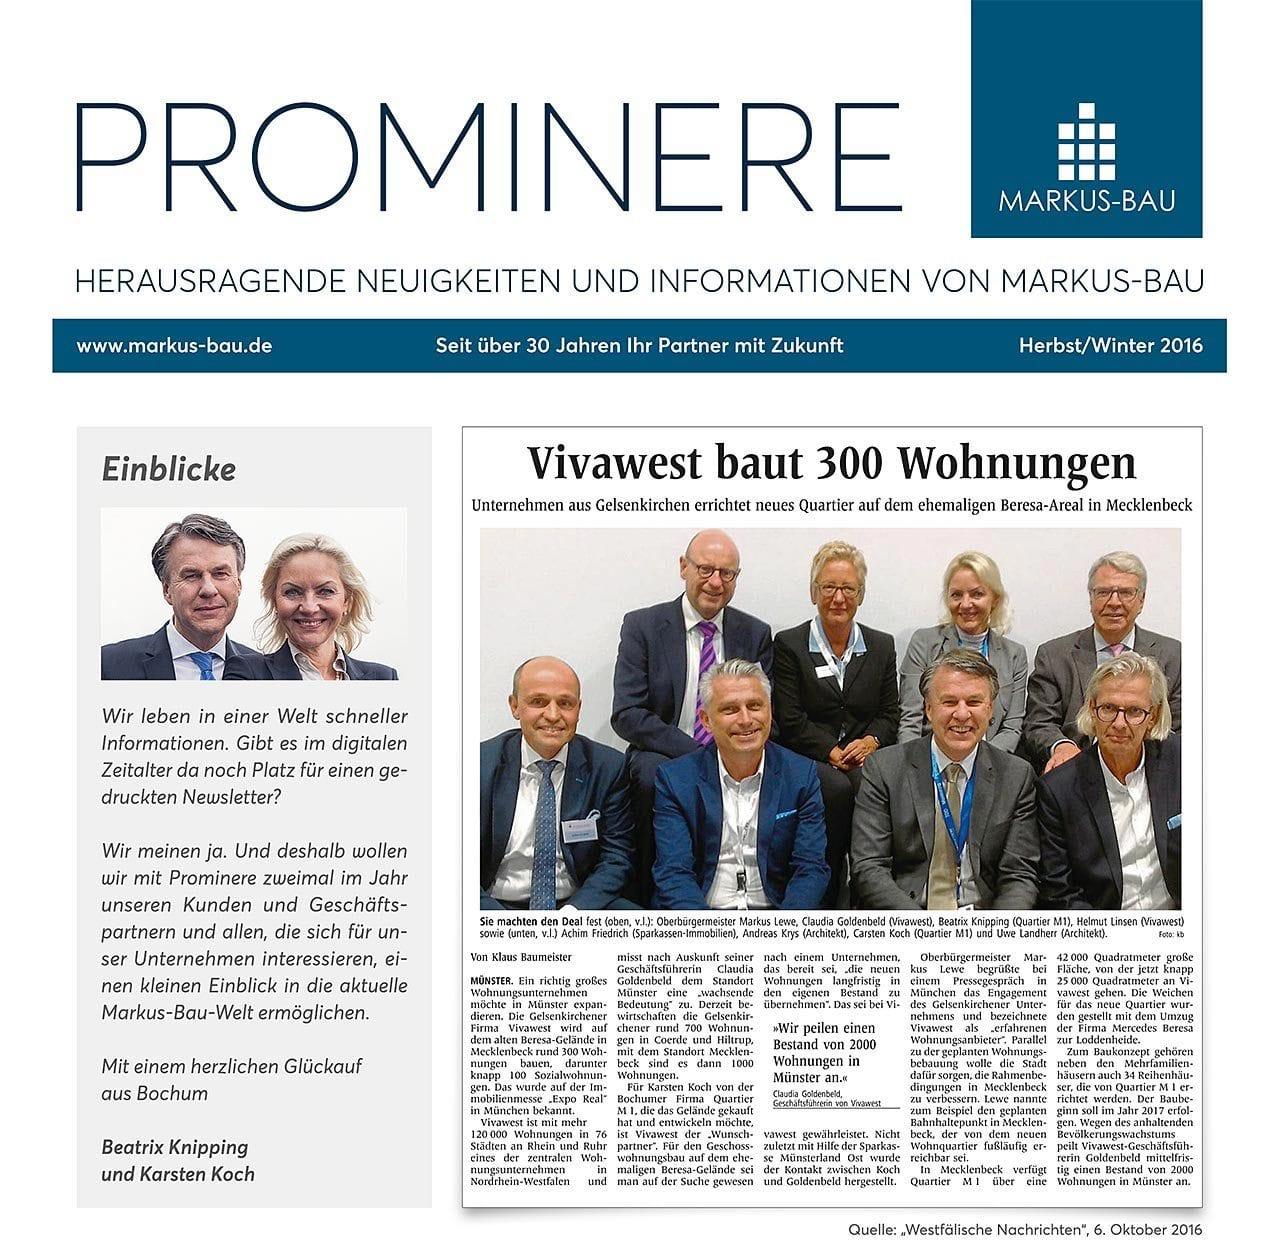 PROMINERE – Ausgabe Herbst/Winter 2016